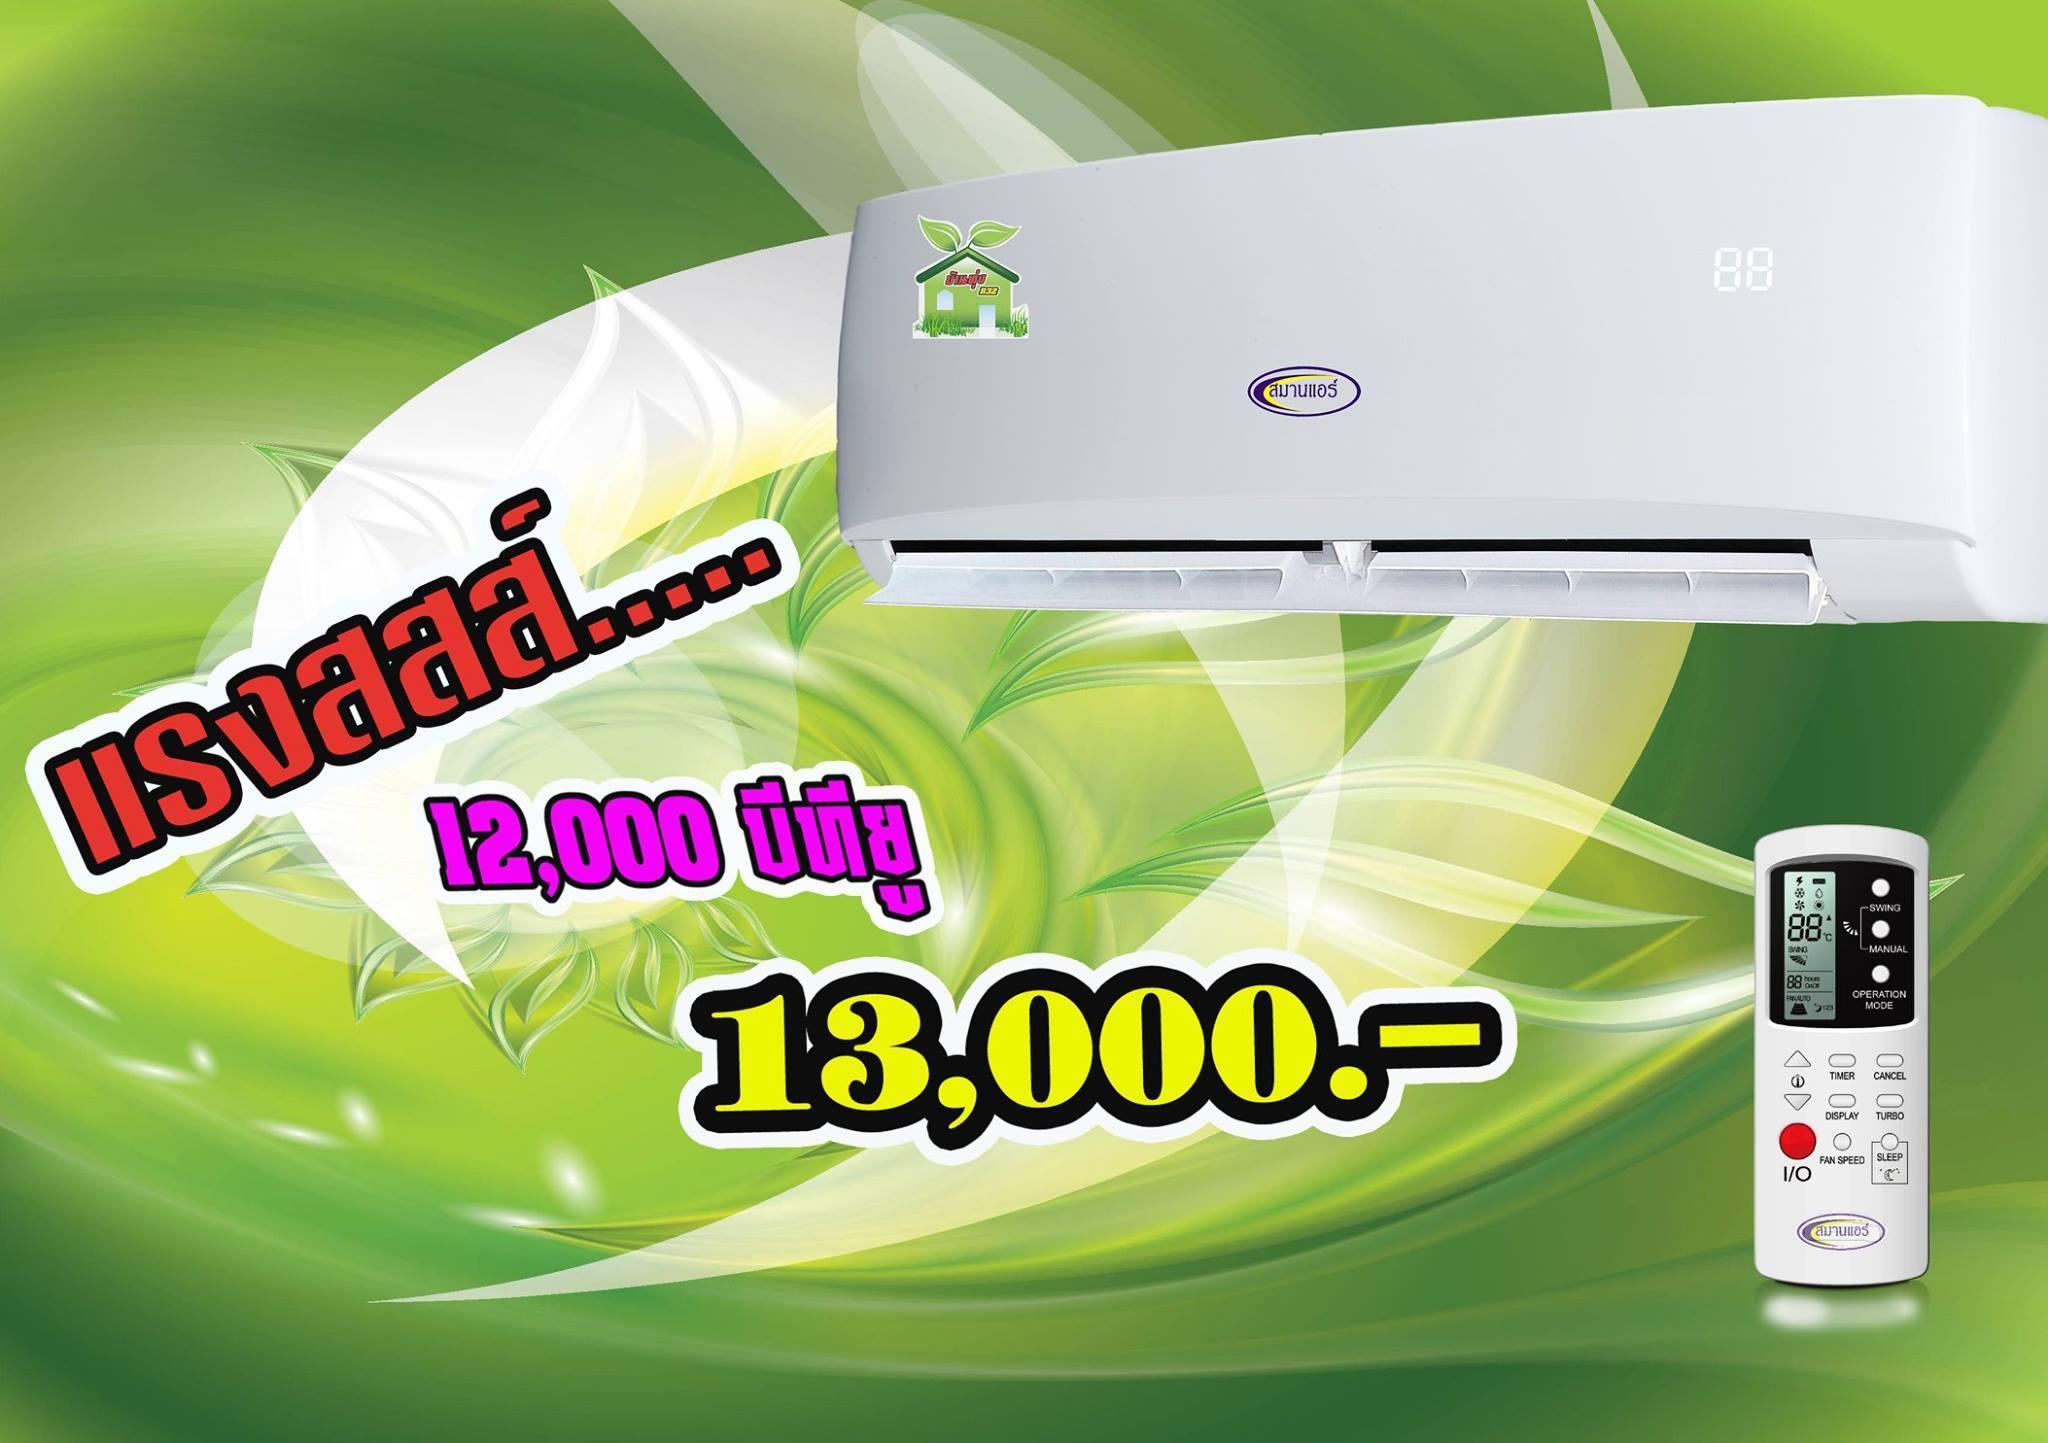 ยี่ห้อ สมานแอร์ แอร์ไทย ชื่อไทยรายแรกของโลก 12,000 BTU. 12,500 บาท (พร้อมติดตั้ง)